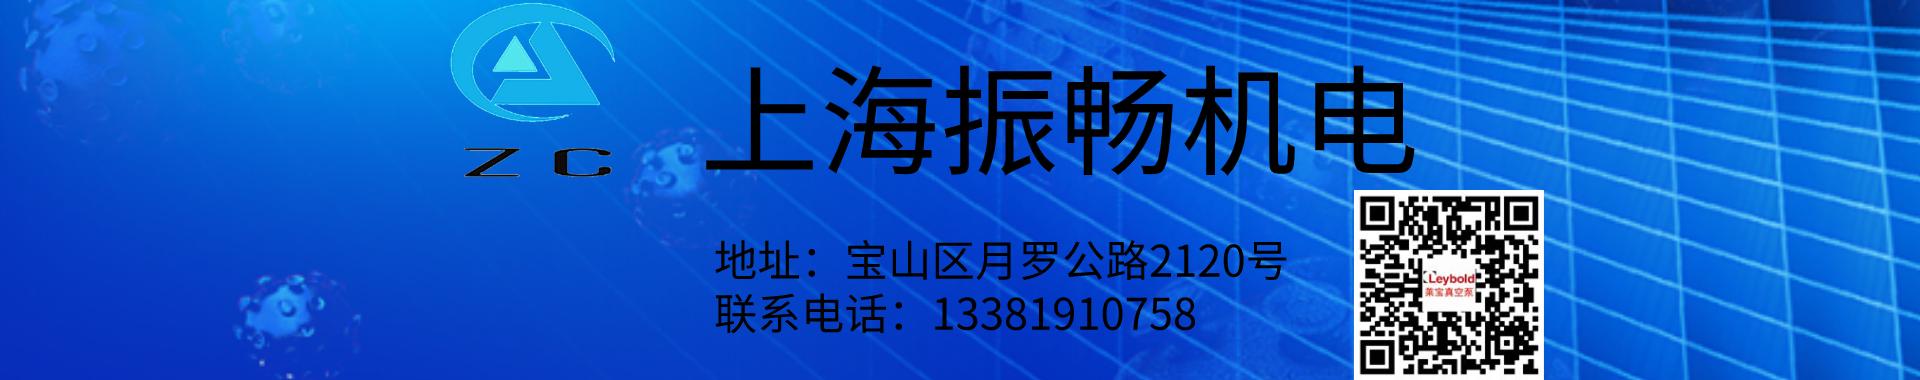 上海振畅机电